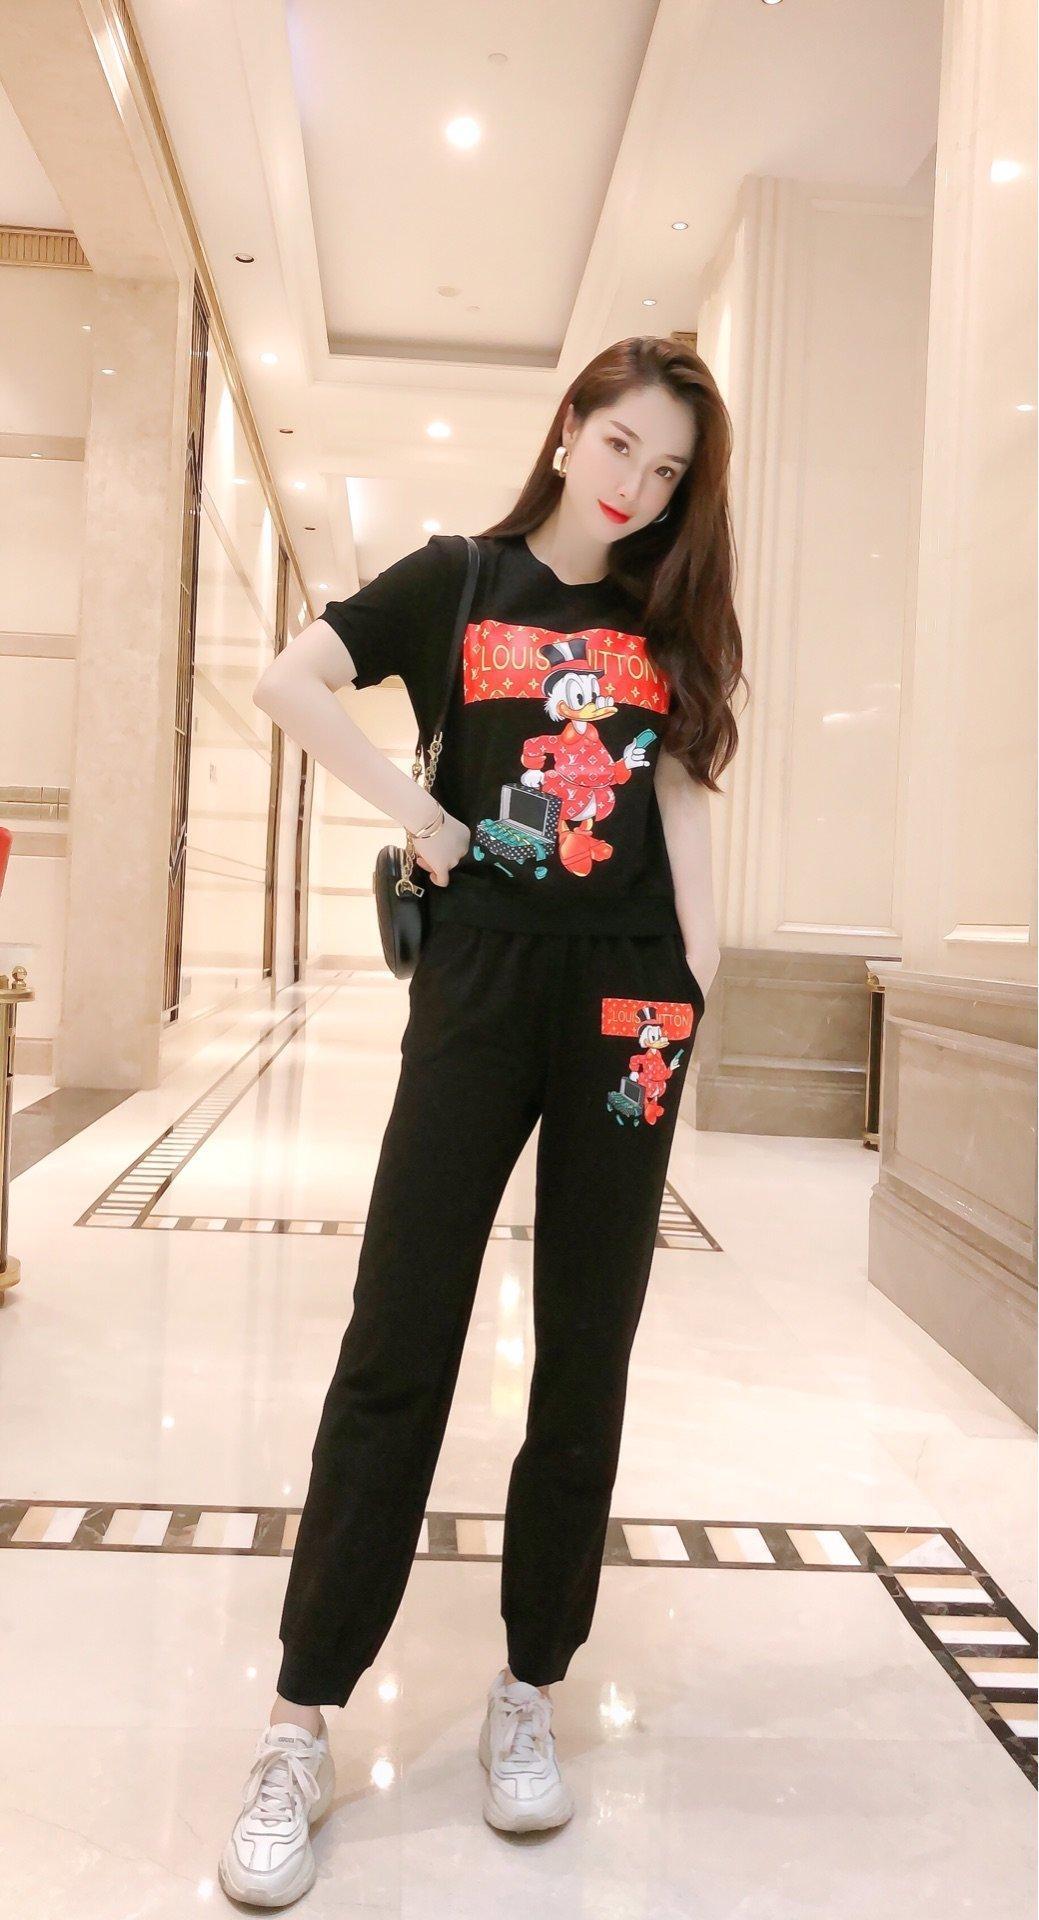 2020 de alta calidad de las señoras pantalones conjuntos de las tapas + pantalones 2pcs 688T conjuntos casuales de primavera y verano ropa de moda